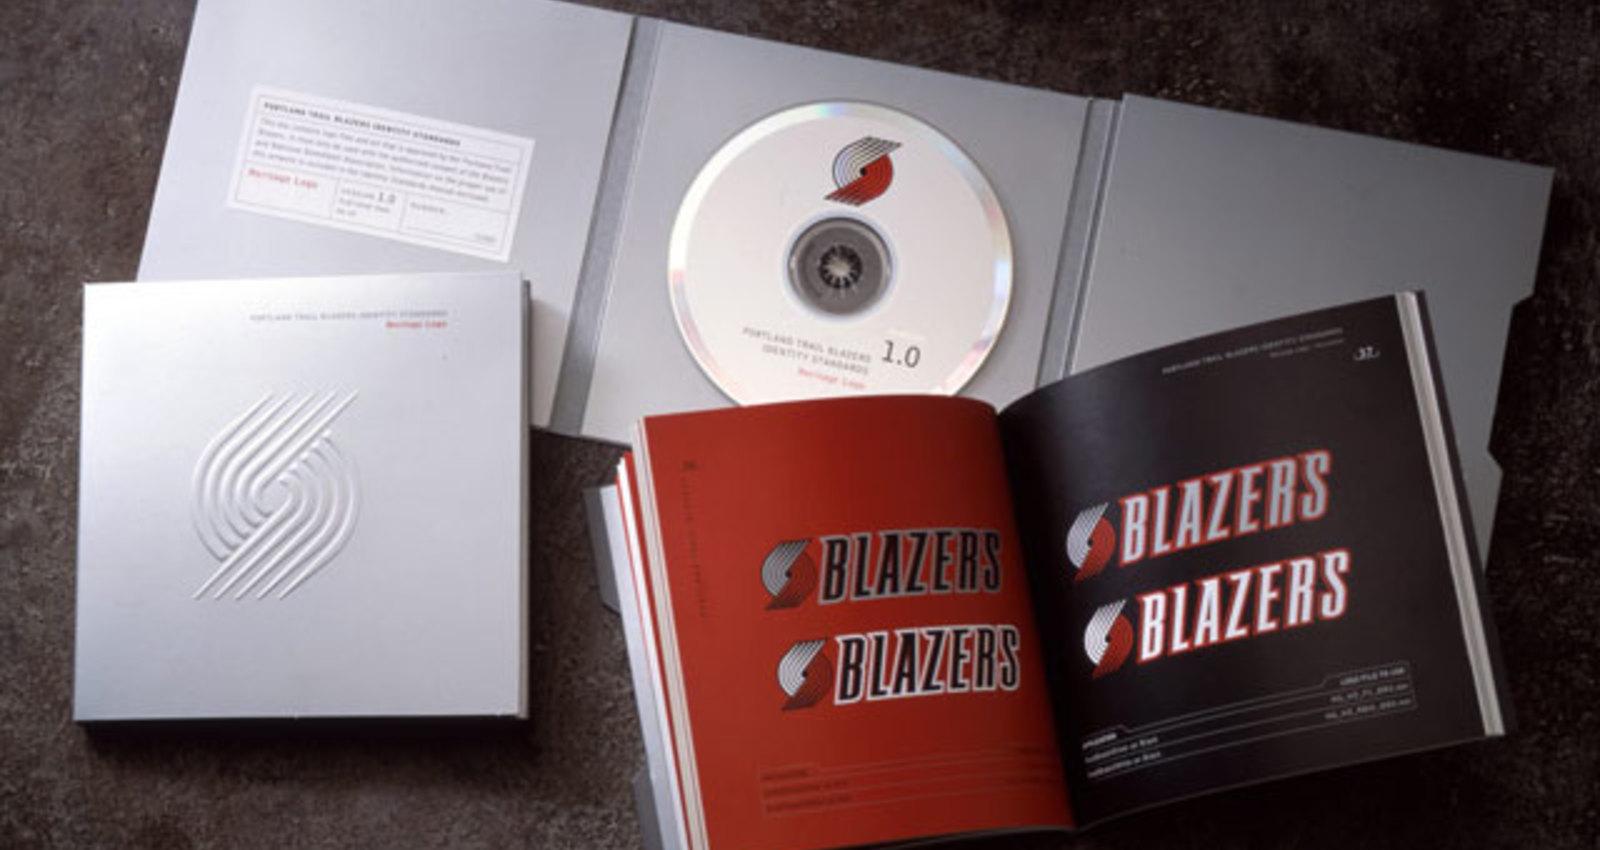 Blazer's Identity Manuals